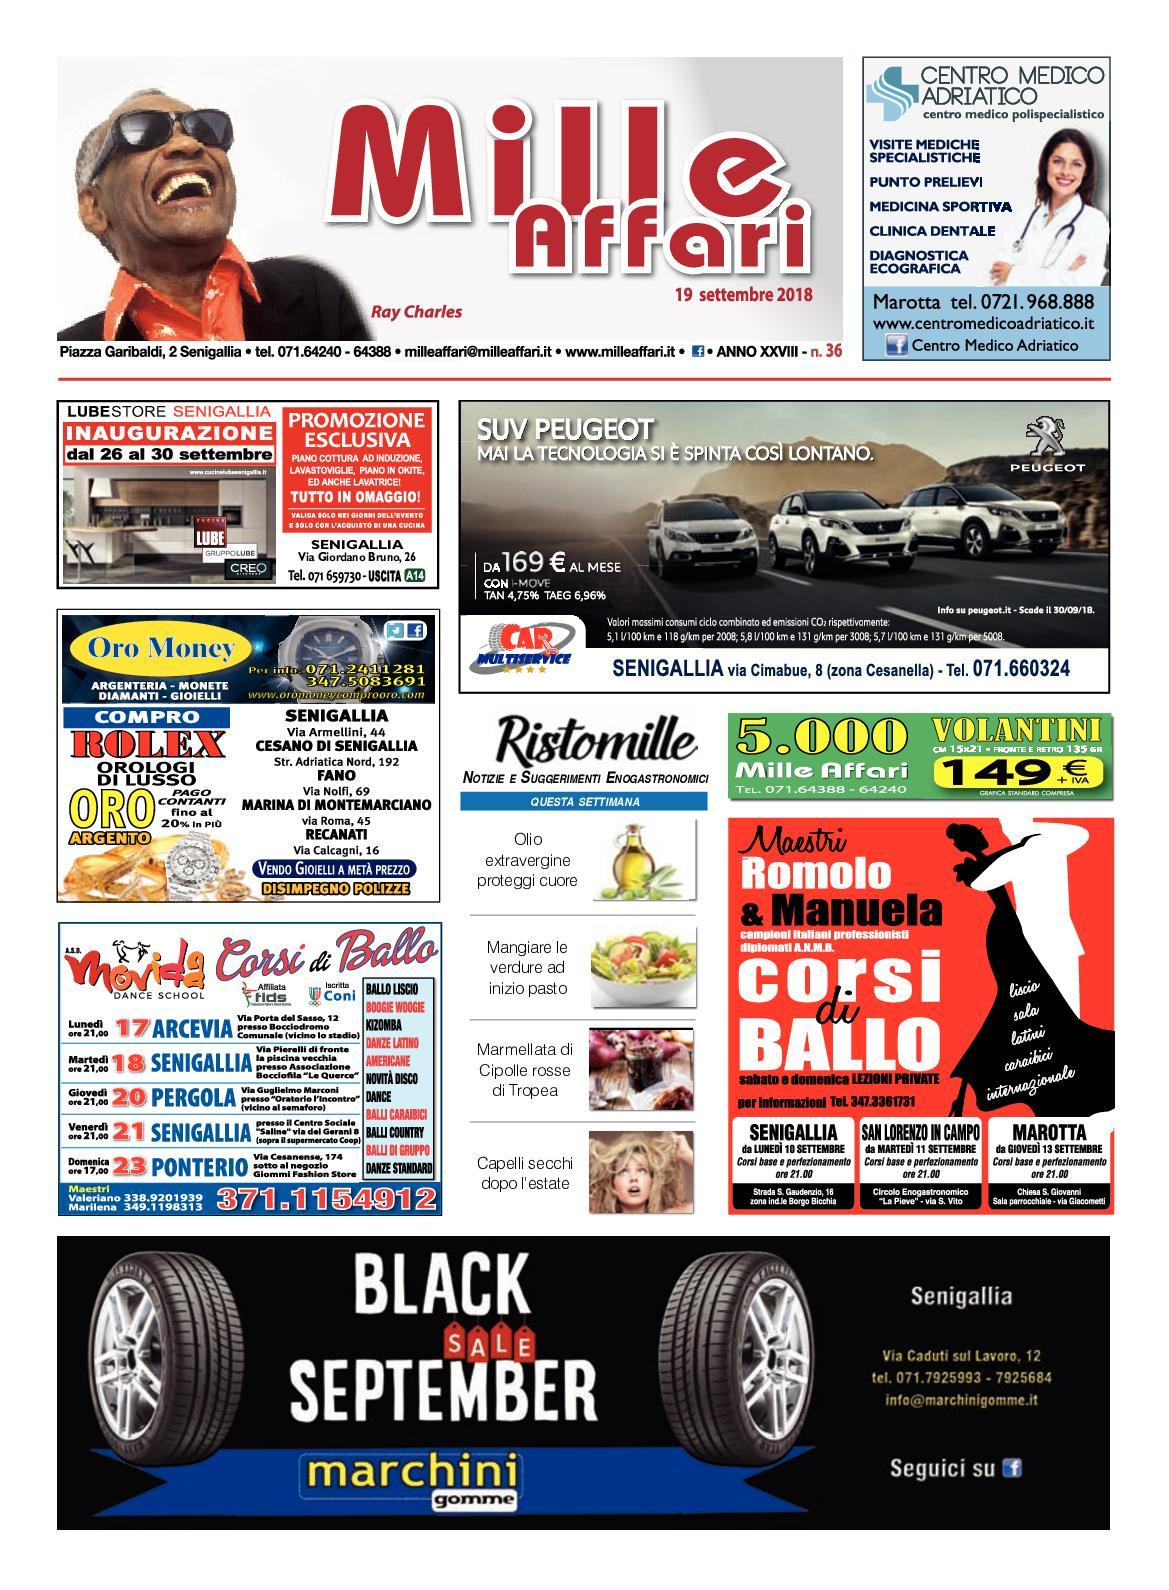 Calaméo - Milleaffari N° 36 del 19.09.18 a605130337e6